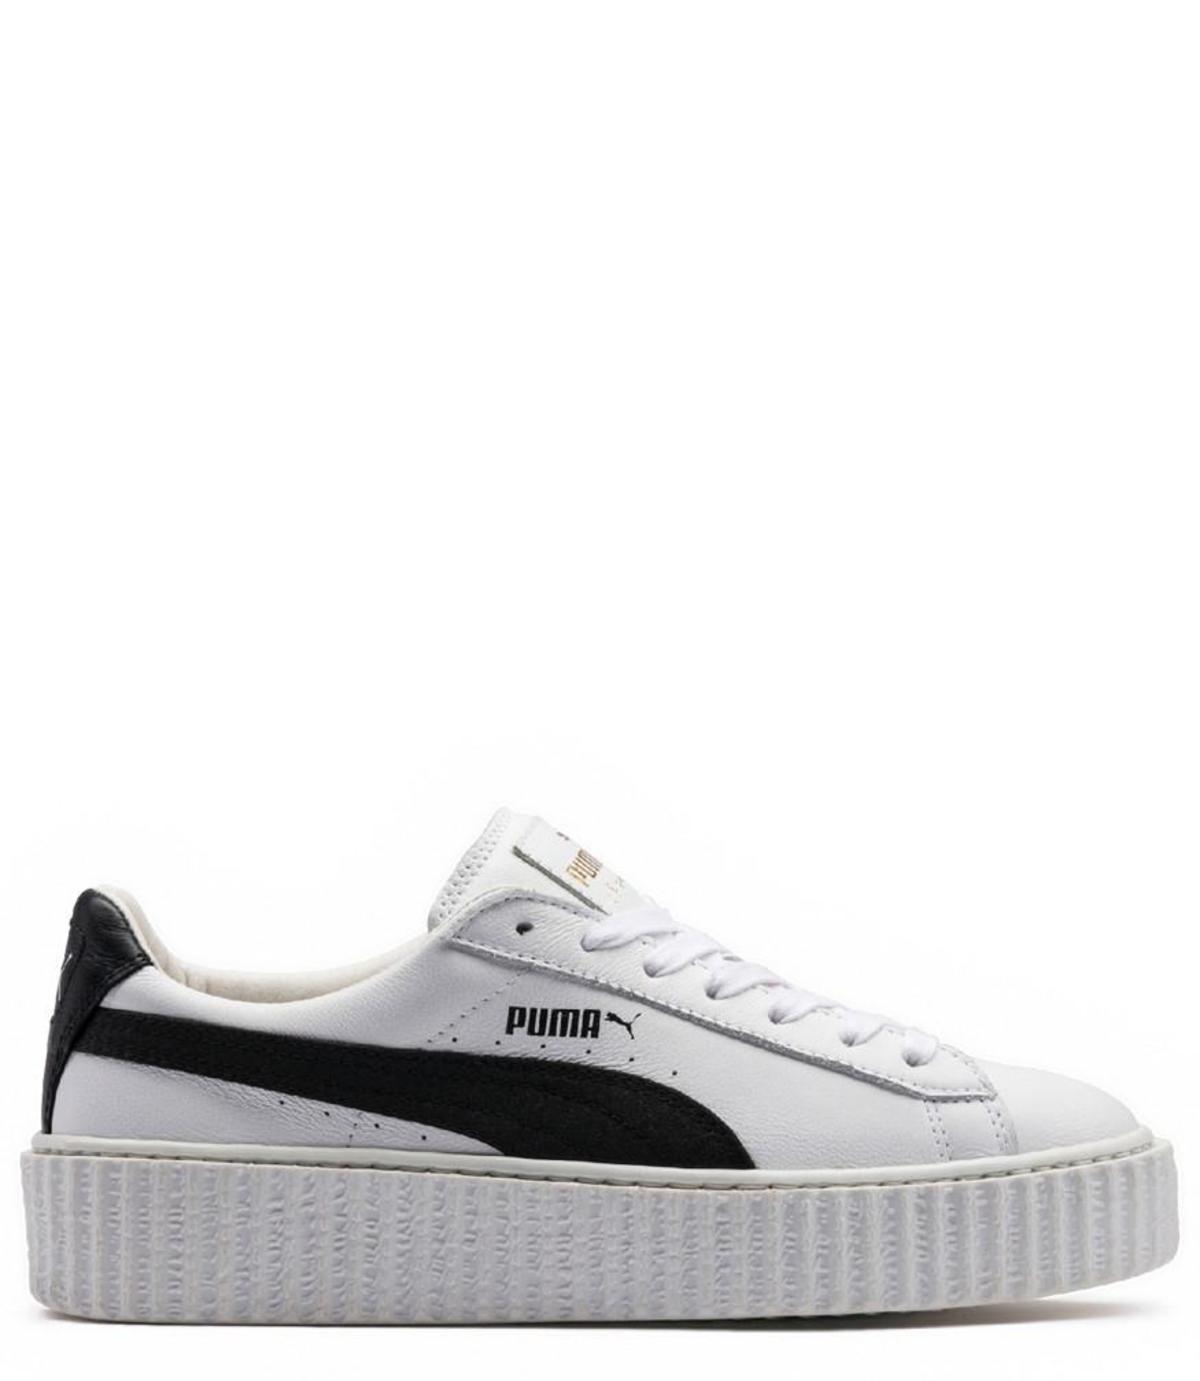 the latest 8c66f 20f93 Rihanna x Puma Leather Creepers - White